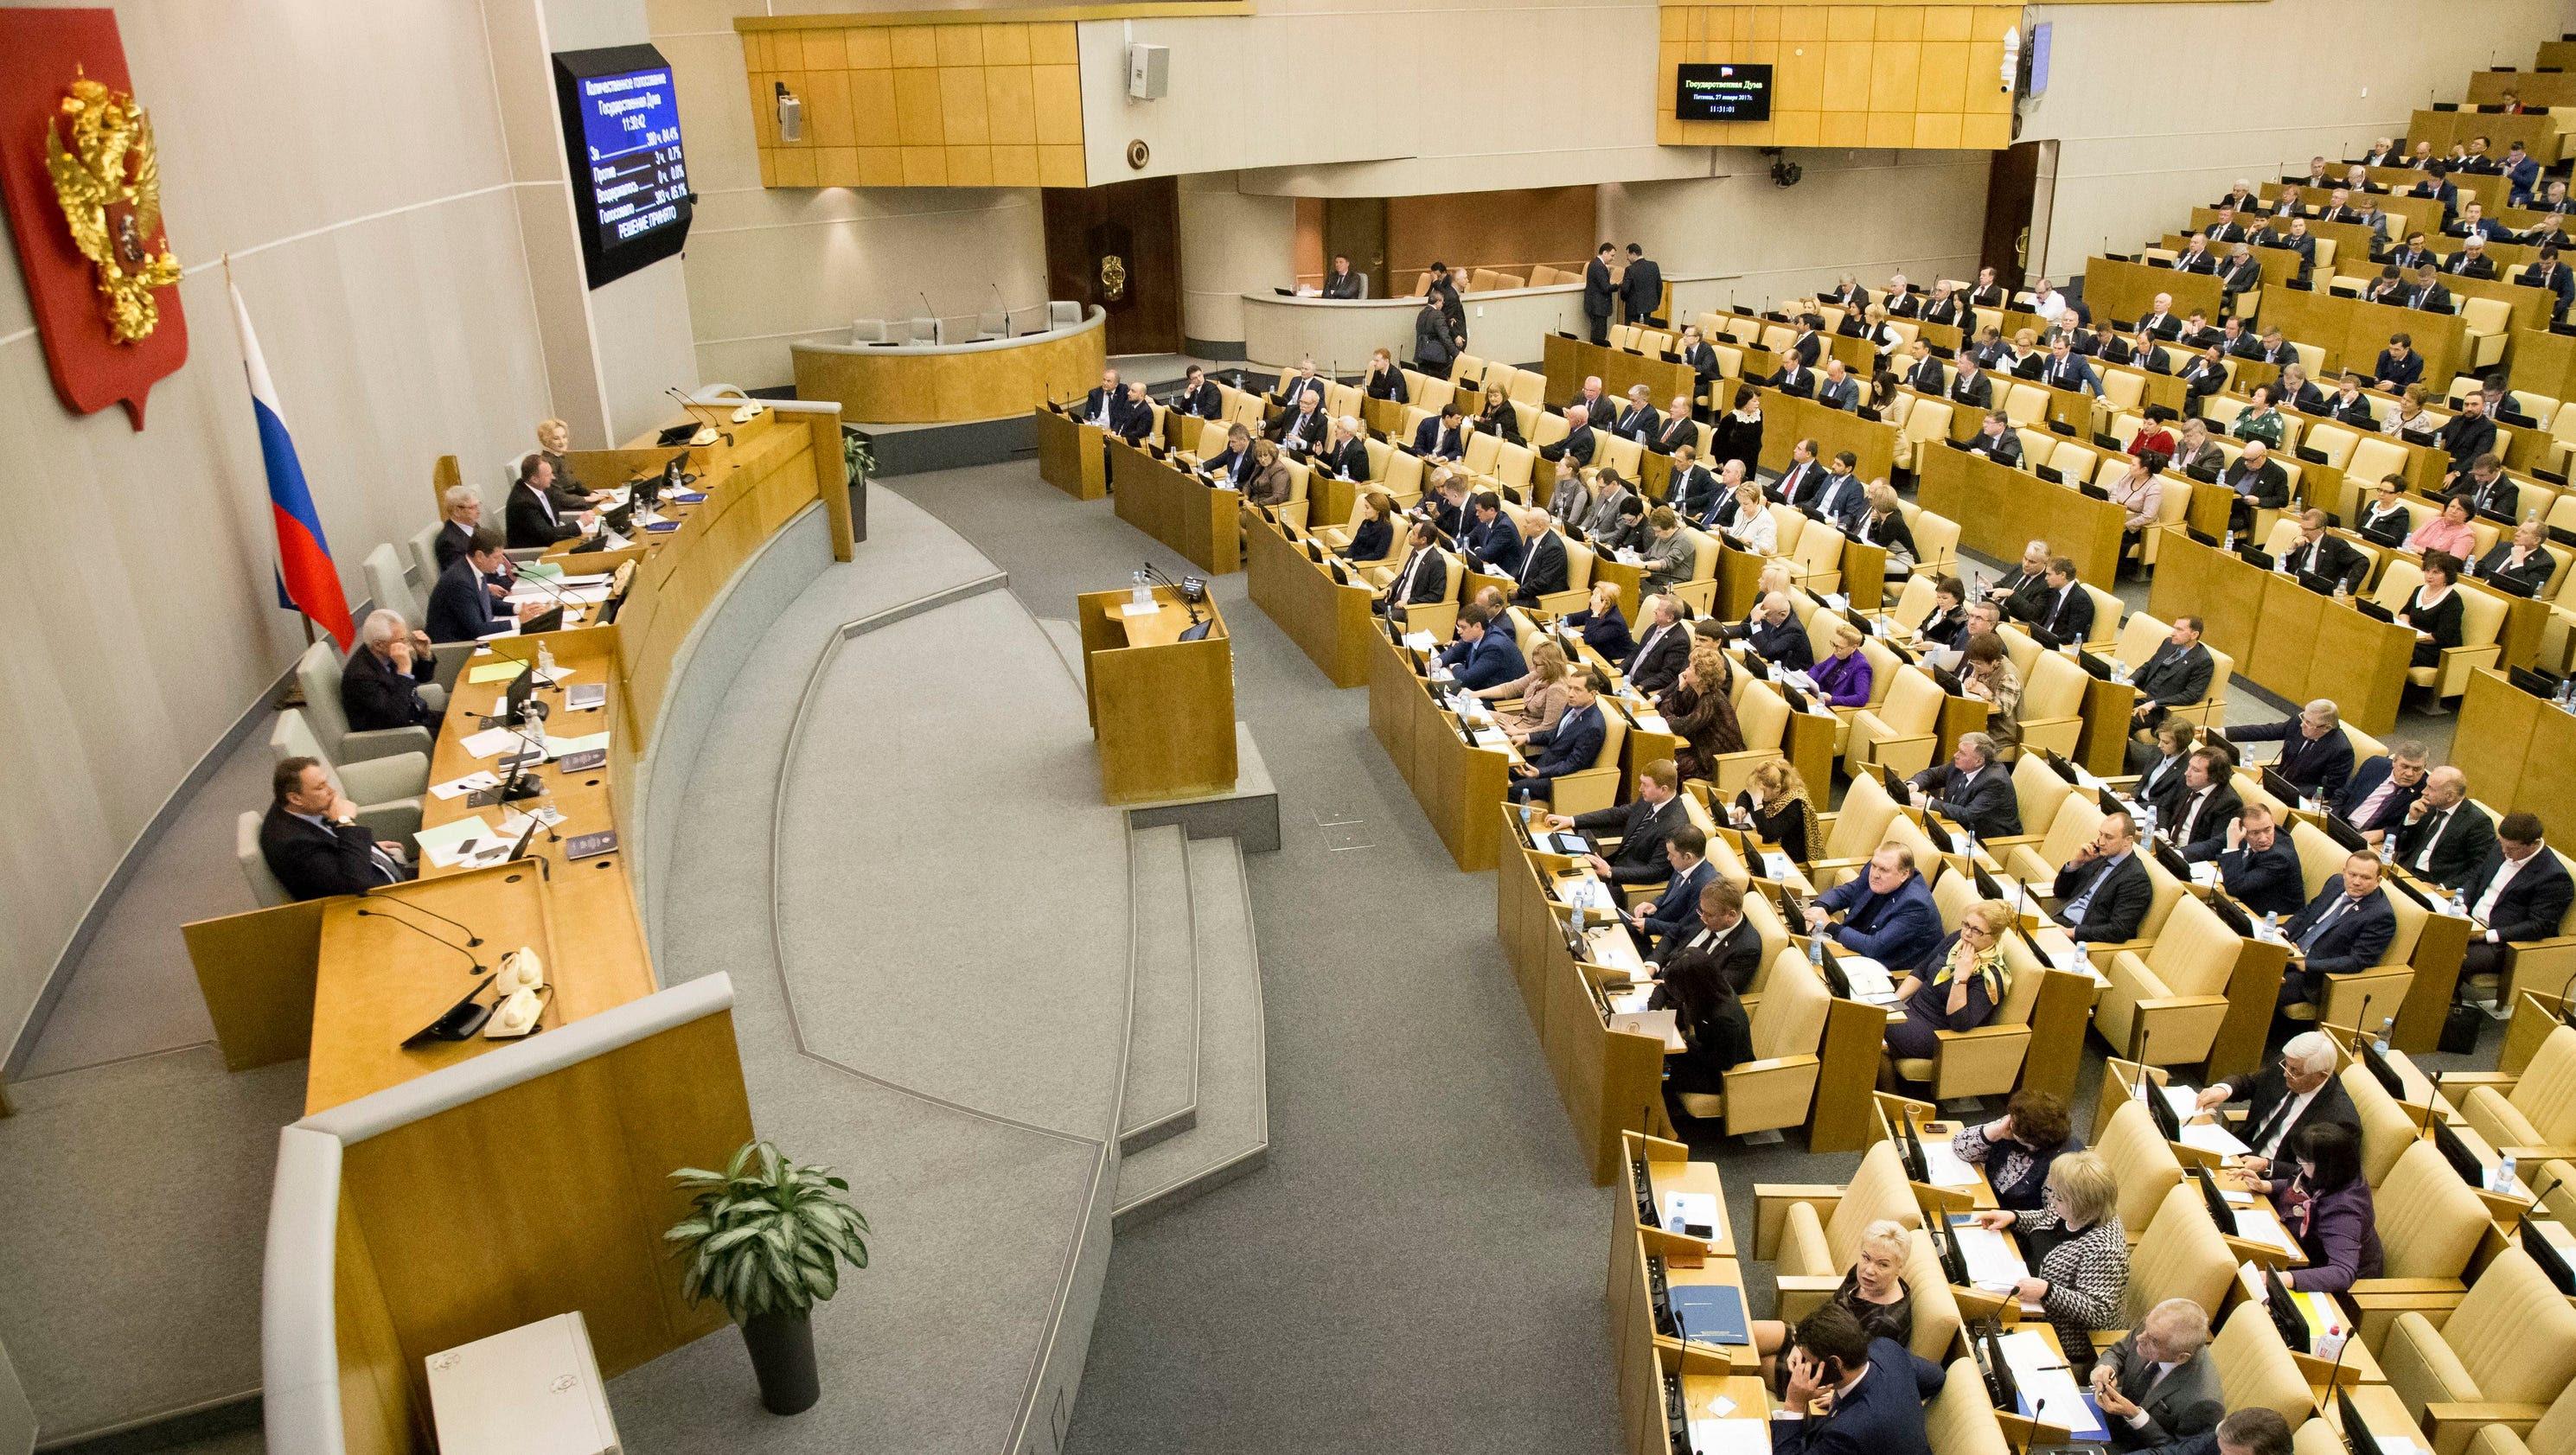 Risultati immagini per russia domestic violence